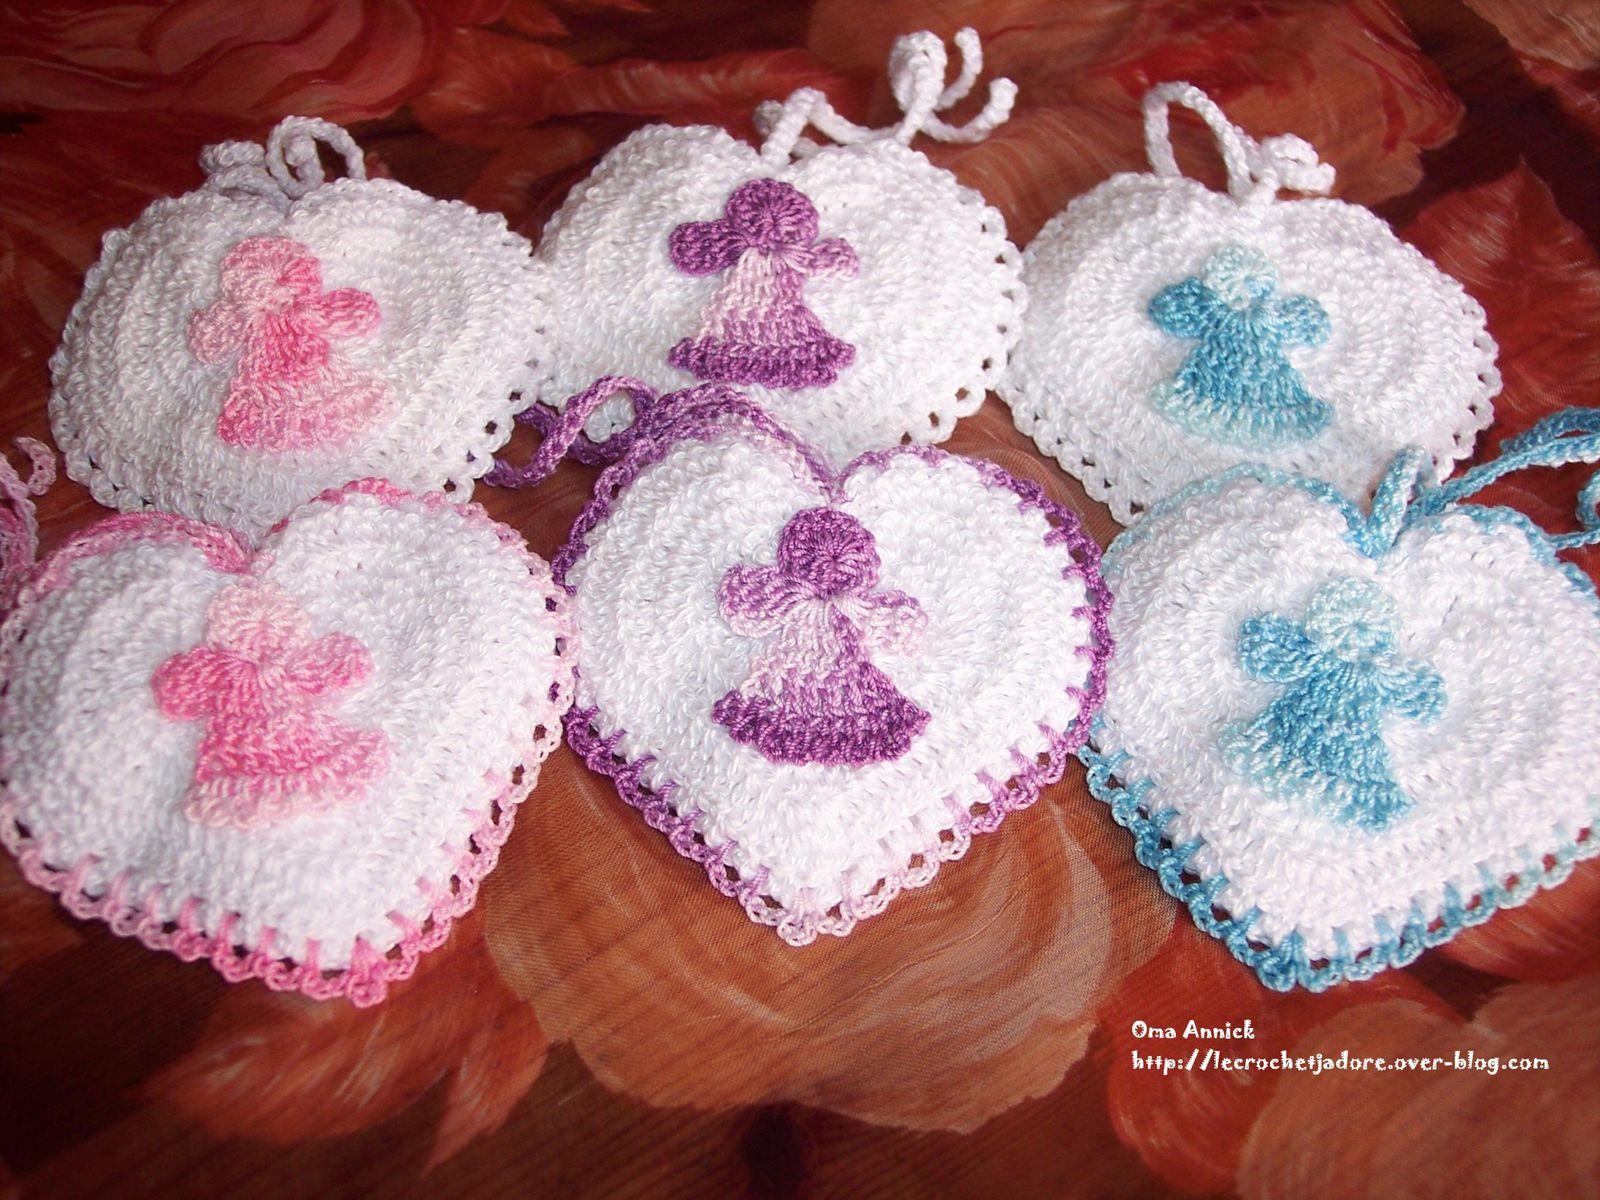 #400F0C Album Créations Et Réalisations Au Crochet Le Blog De  6165 decoration de table de noel au crochet 1600x1200 px @ aertt.com